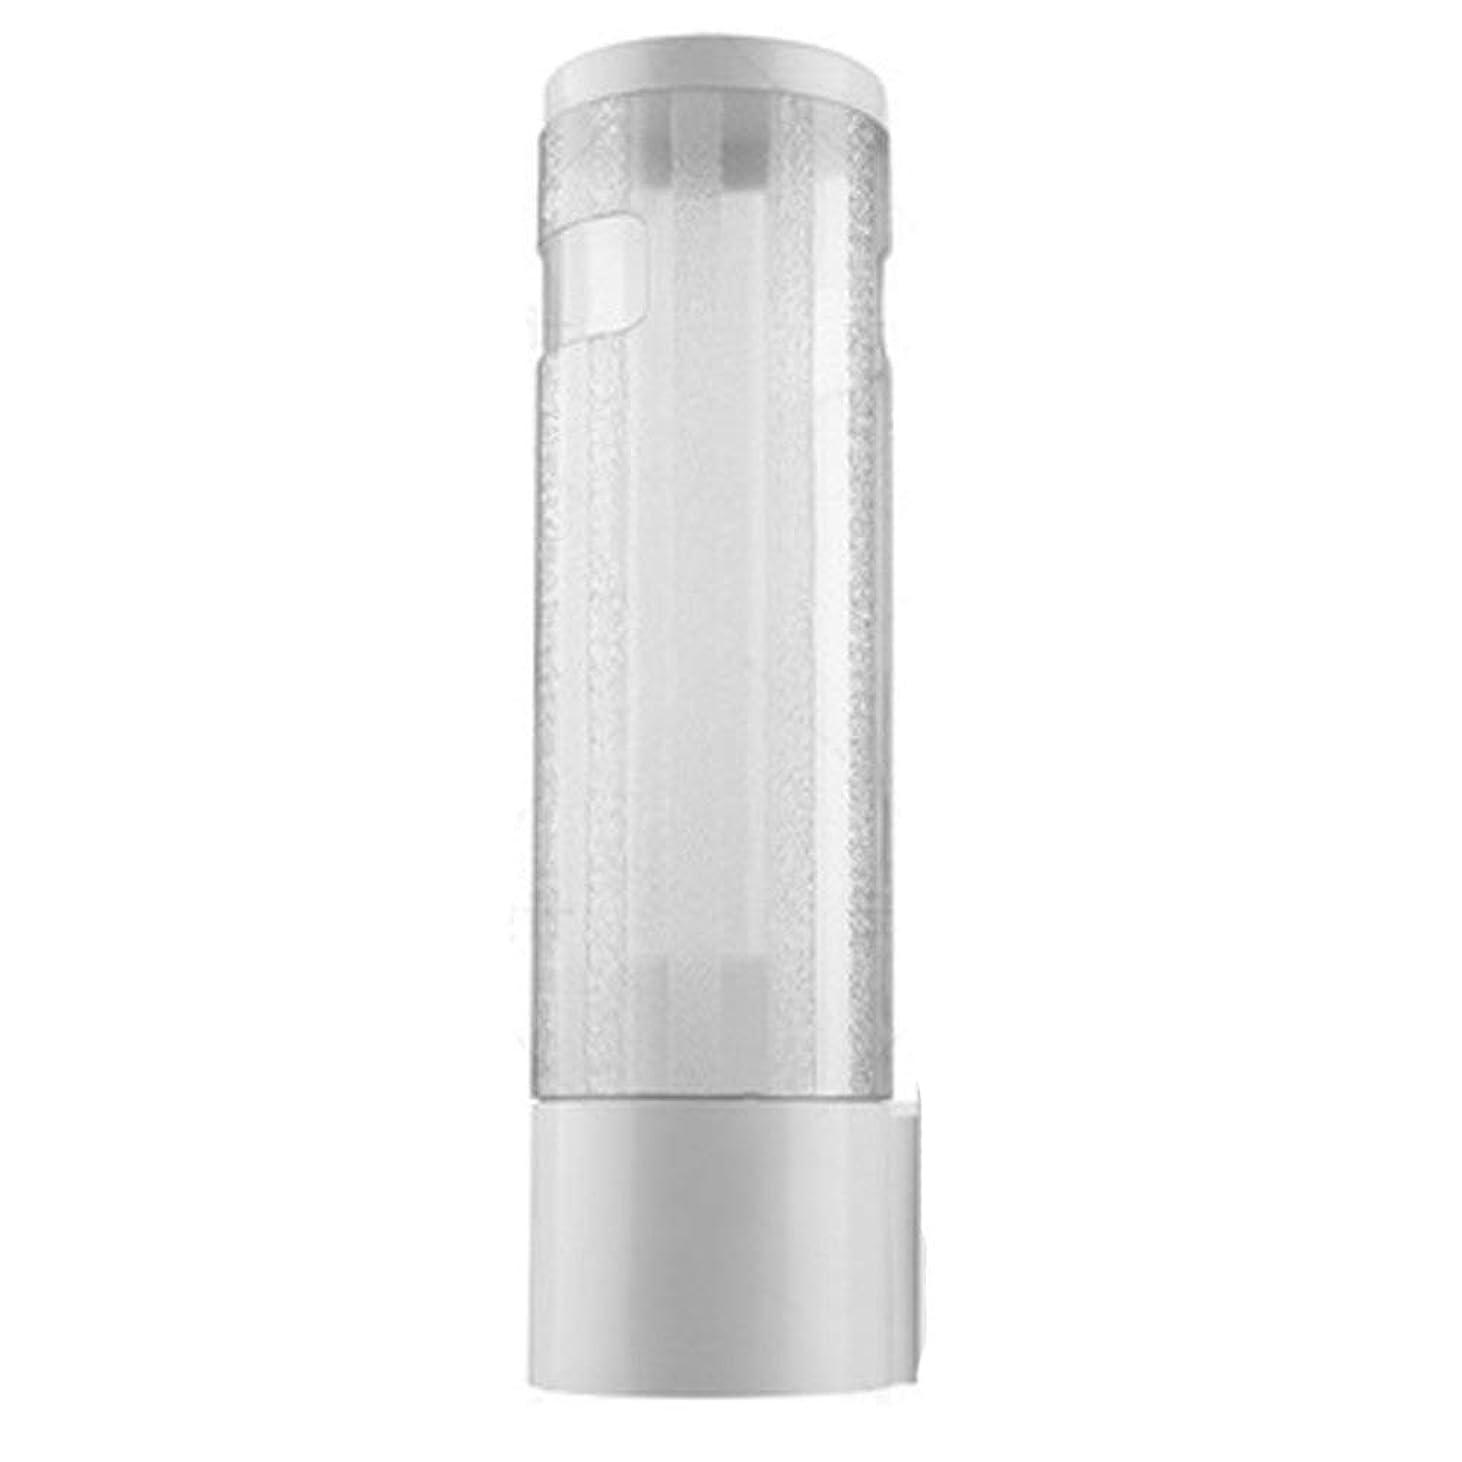 偶然の節約する鈍いEjoyousカップディスペンサー カップホルダー 紙カップディスペンサー 紙コップホルダー カップスタンド ホルダー 3類取付方法 カップ収納 壁面取り付けタイプ (口径9cm)